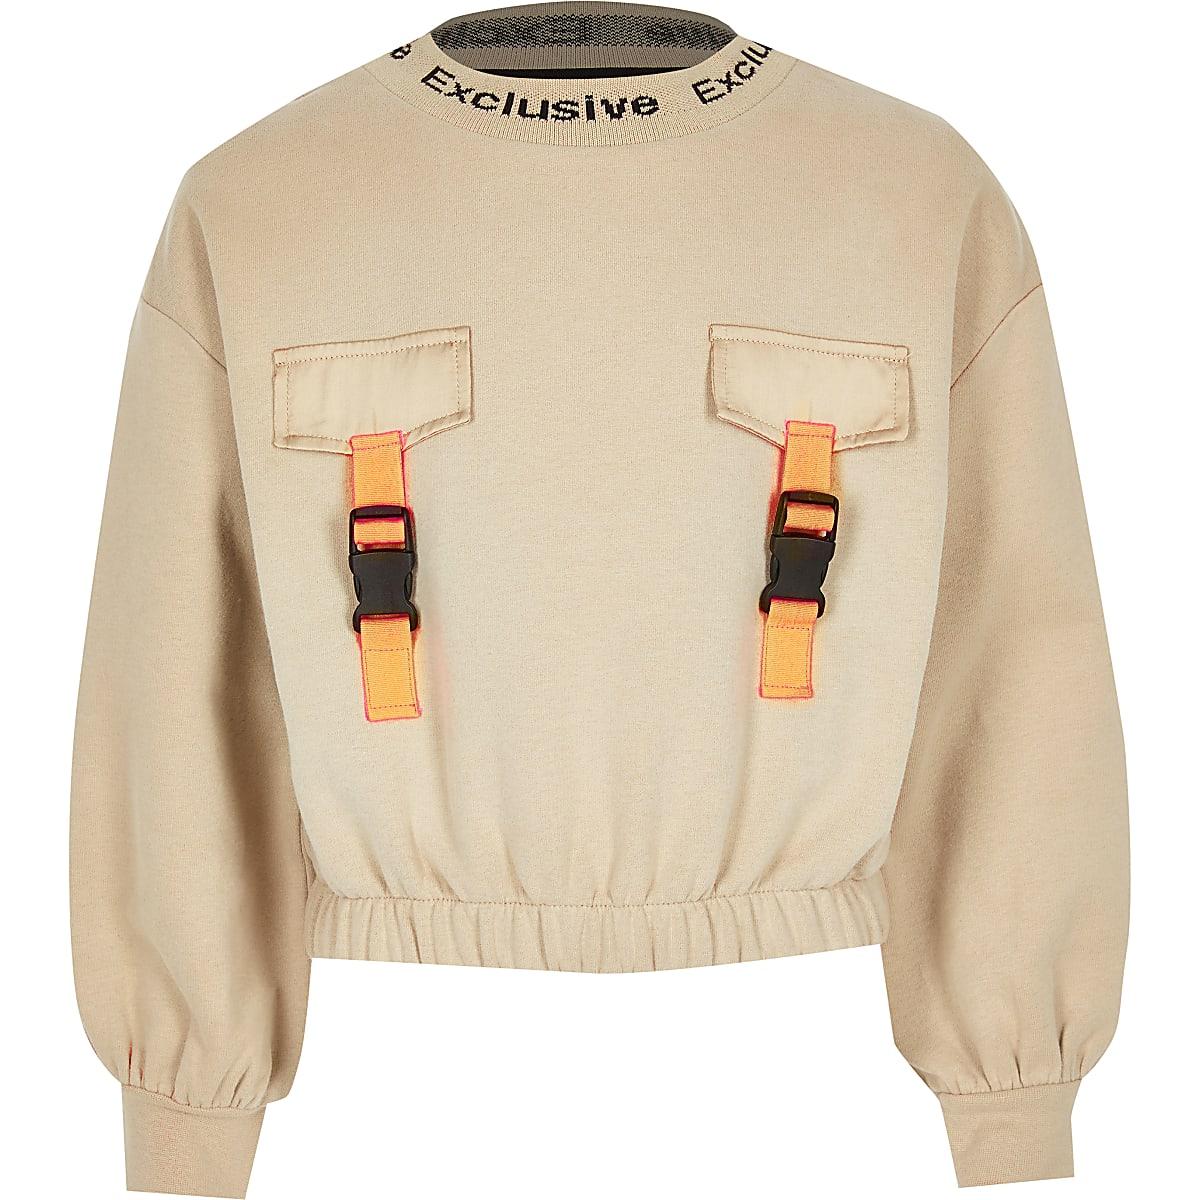 Lichtbruin sweatshirt met gespen voor meisjes